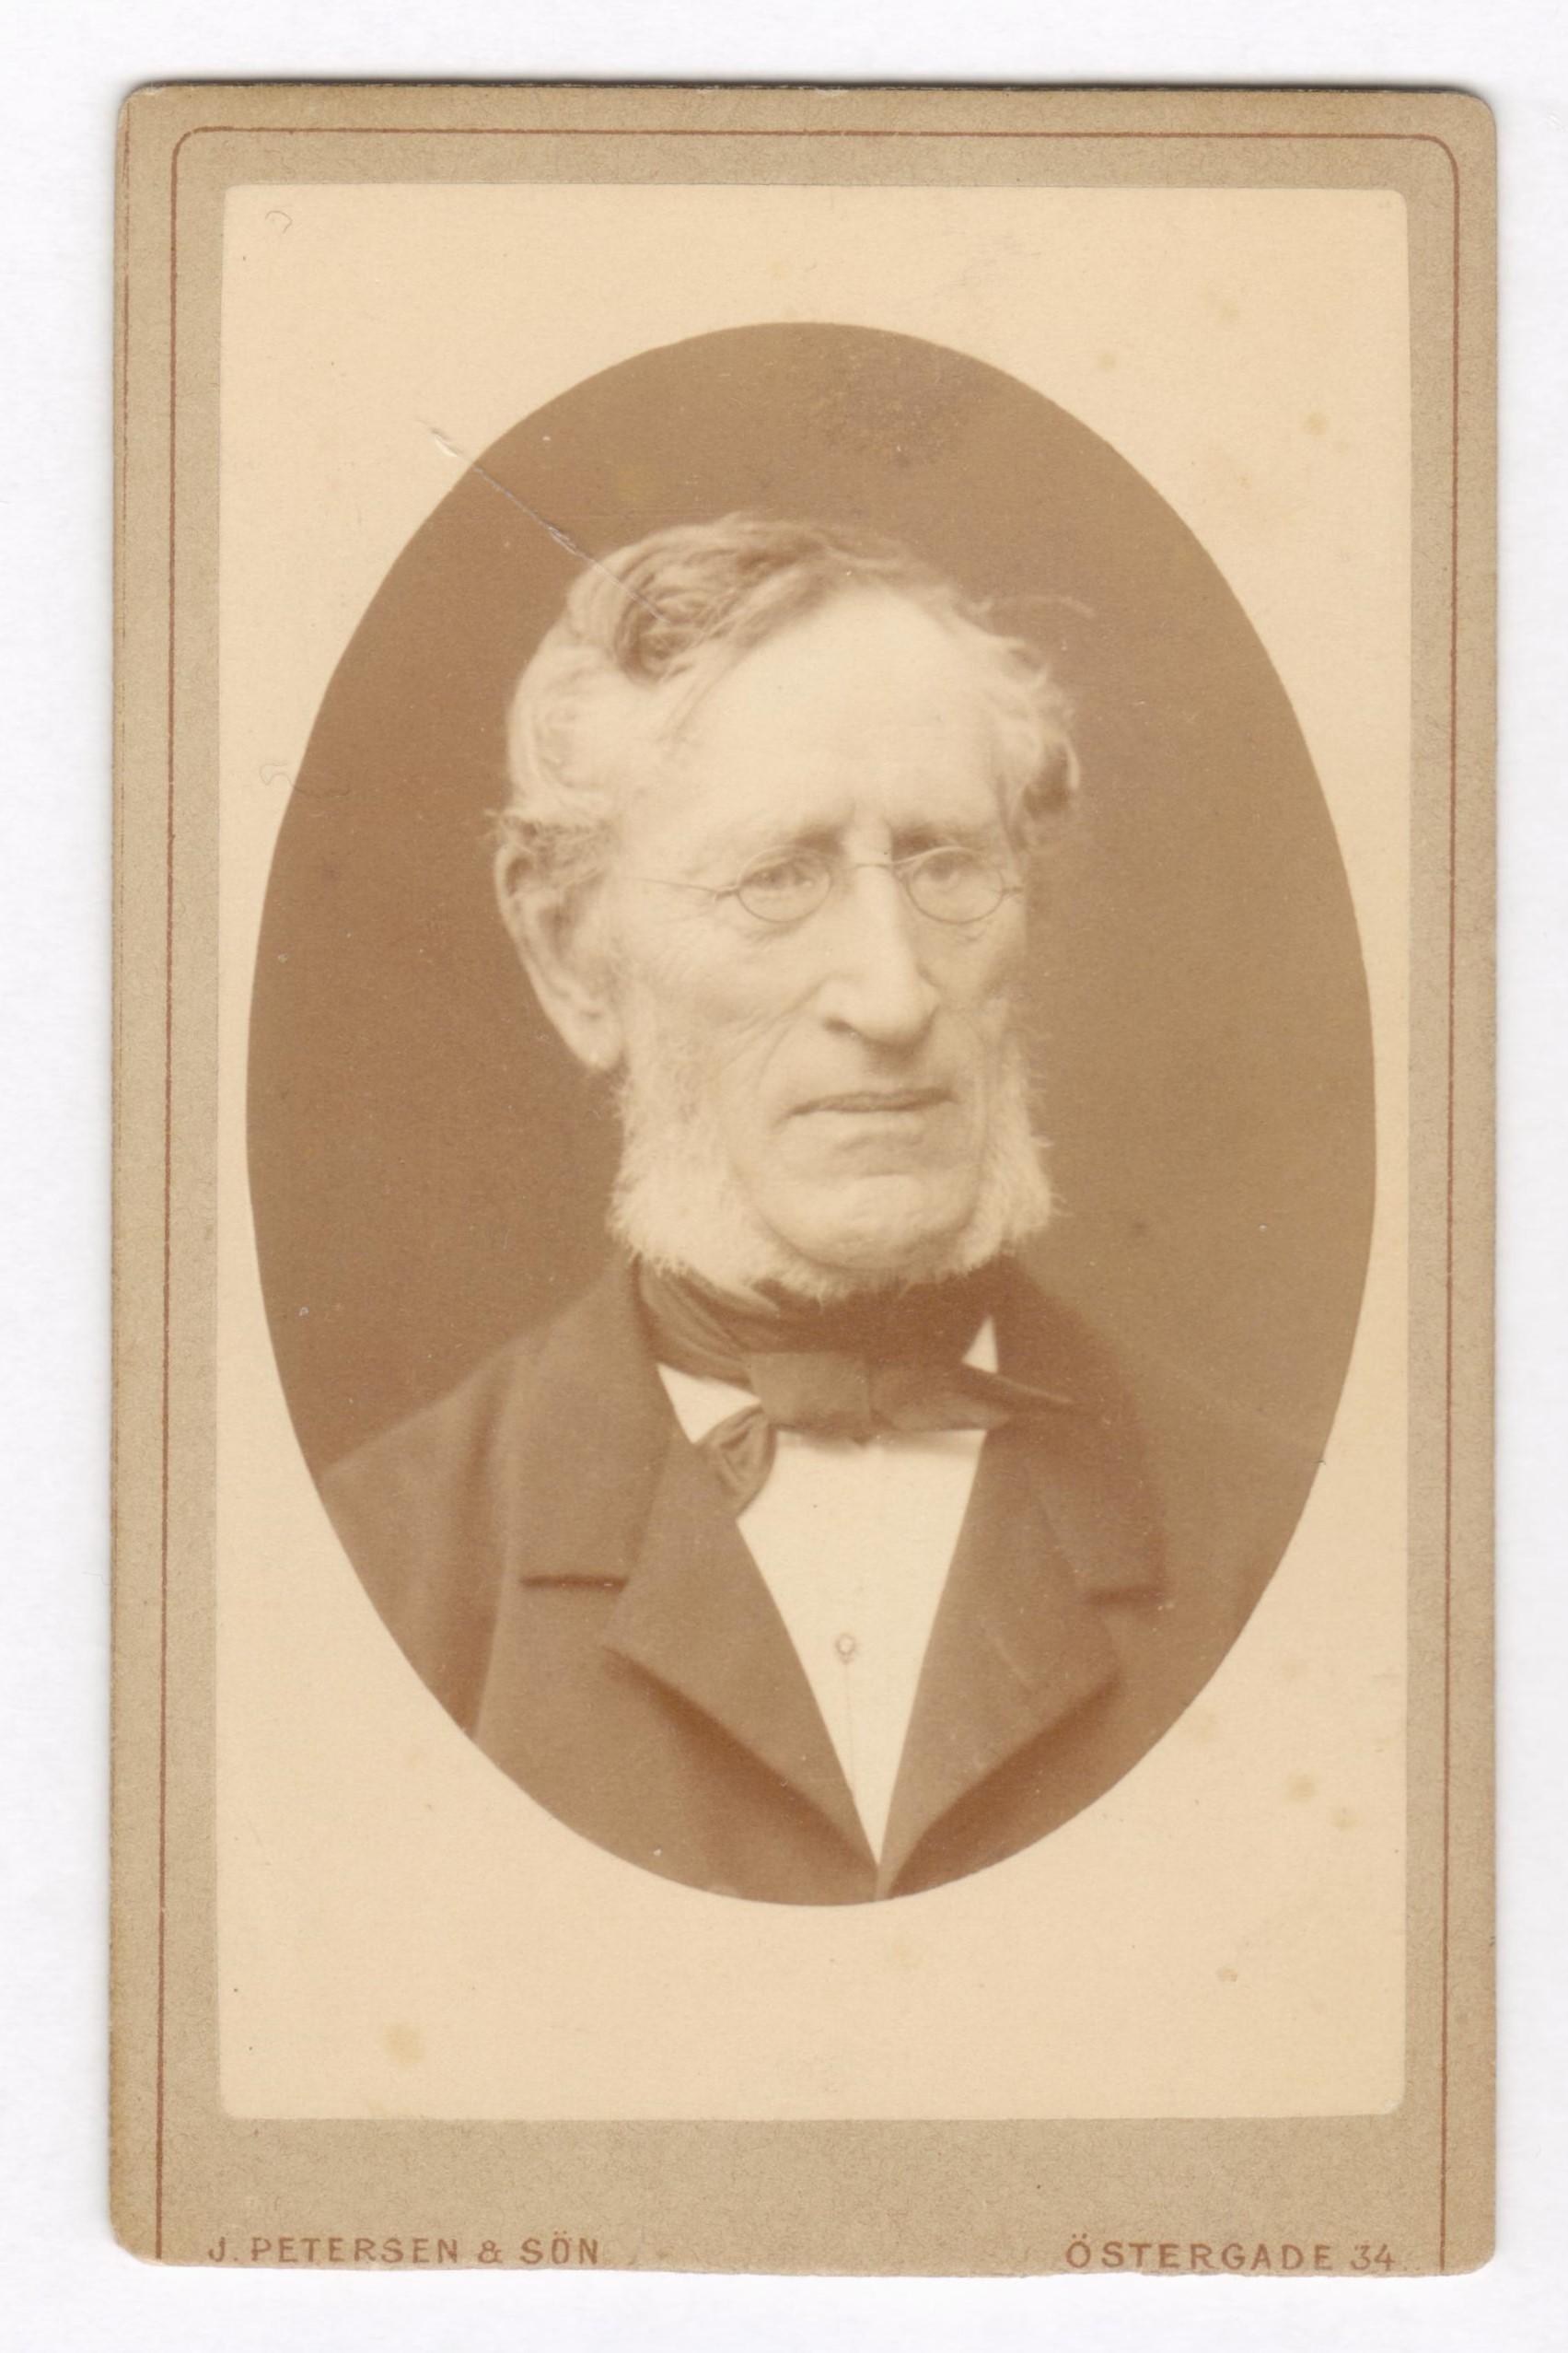 75.38  Ferdinand Felix Borch, 1805-1880, Skomagermester og officer.   Fotograf J. Petersen og søn, Østergade 34, København.